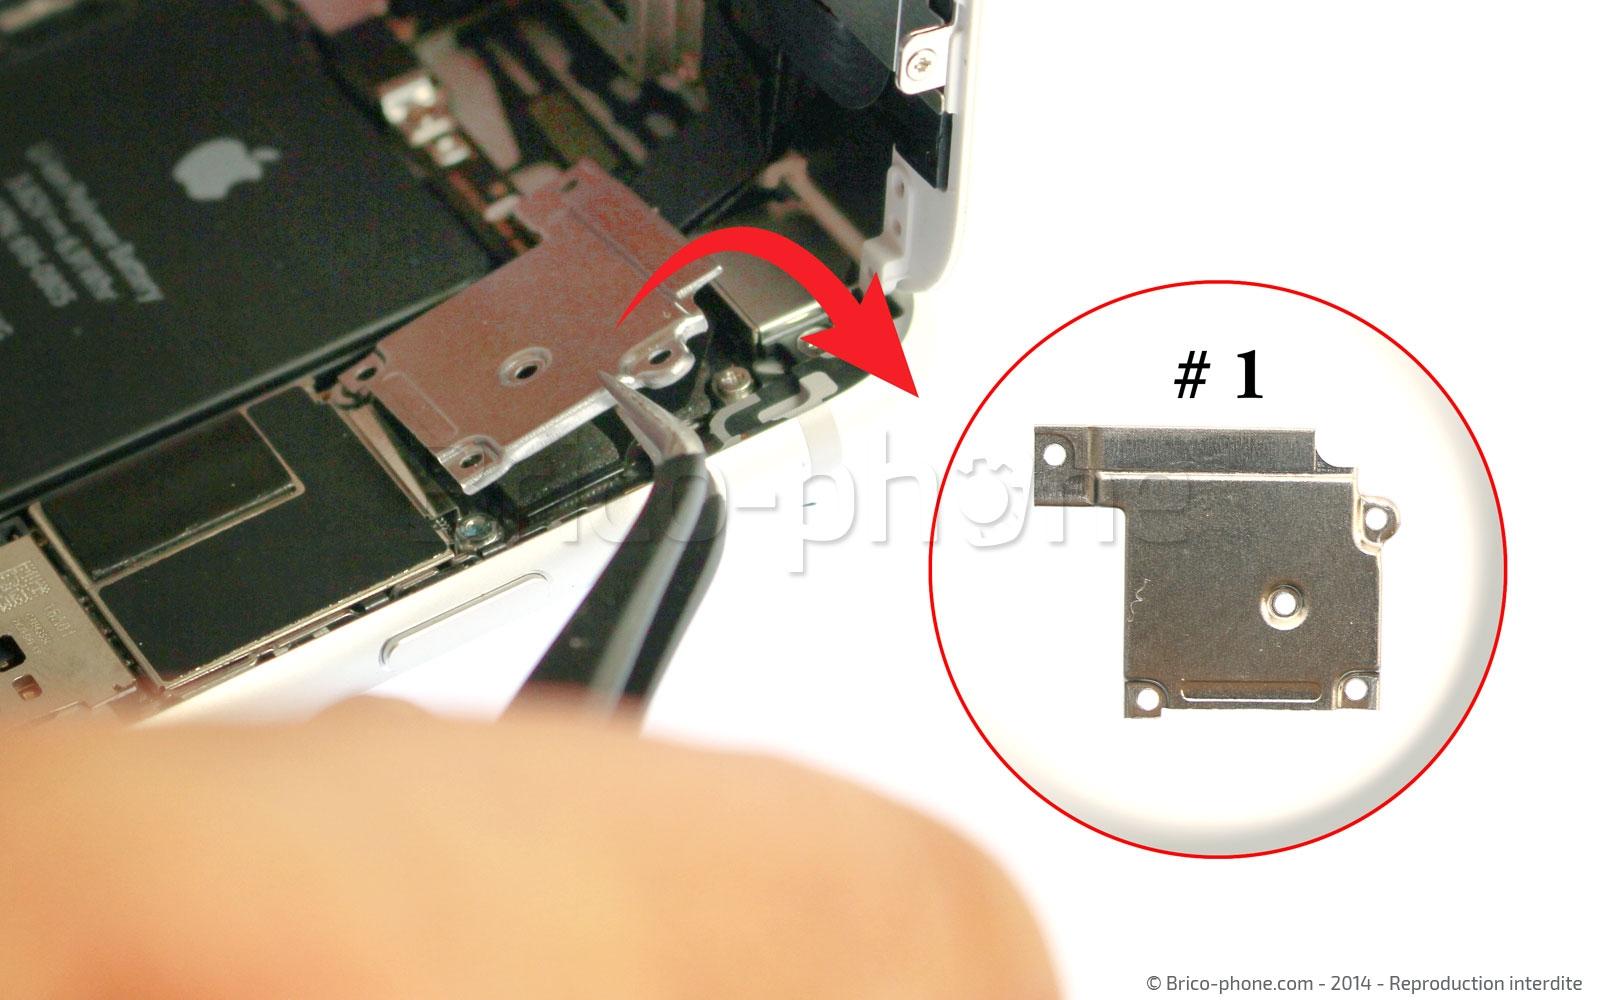 Etape 6 : Retirer la plaquette métallique de nappes de l'écran